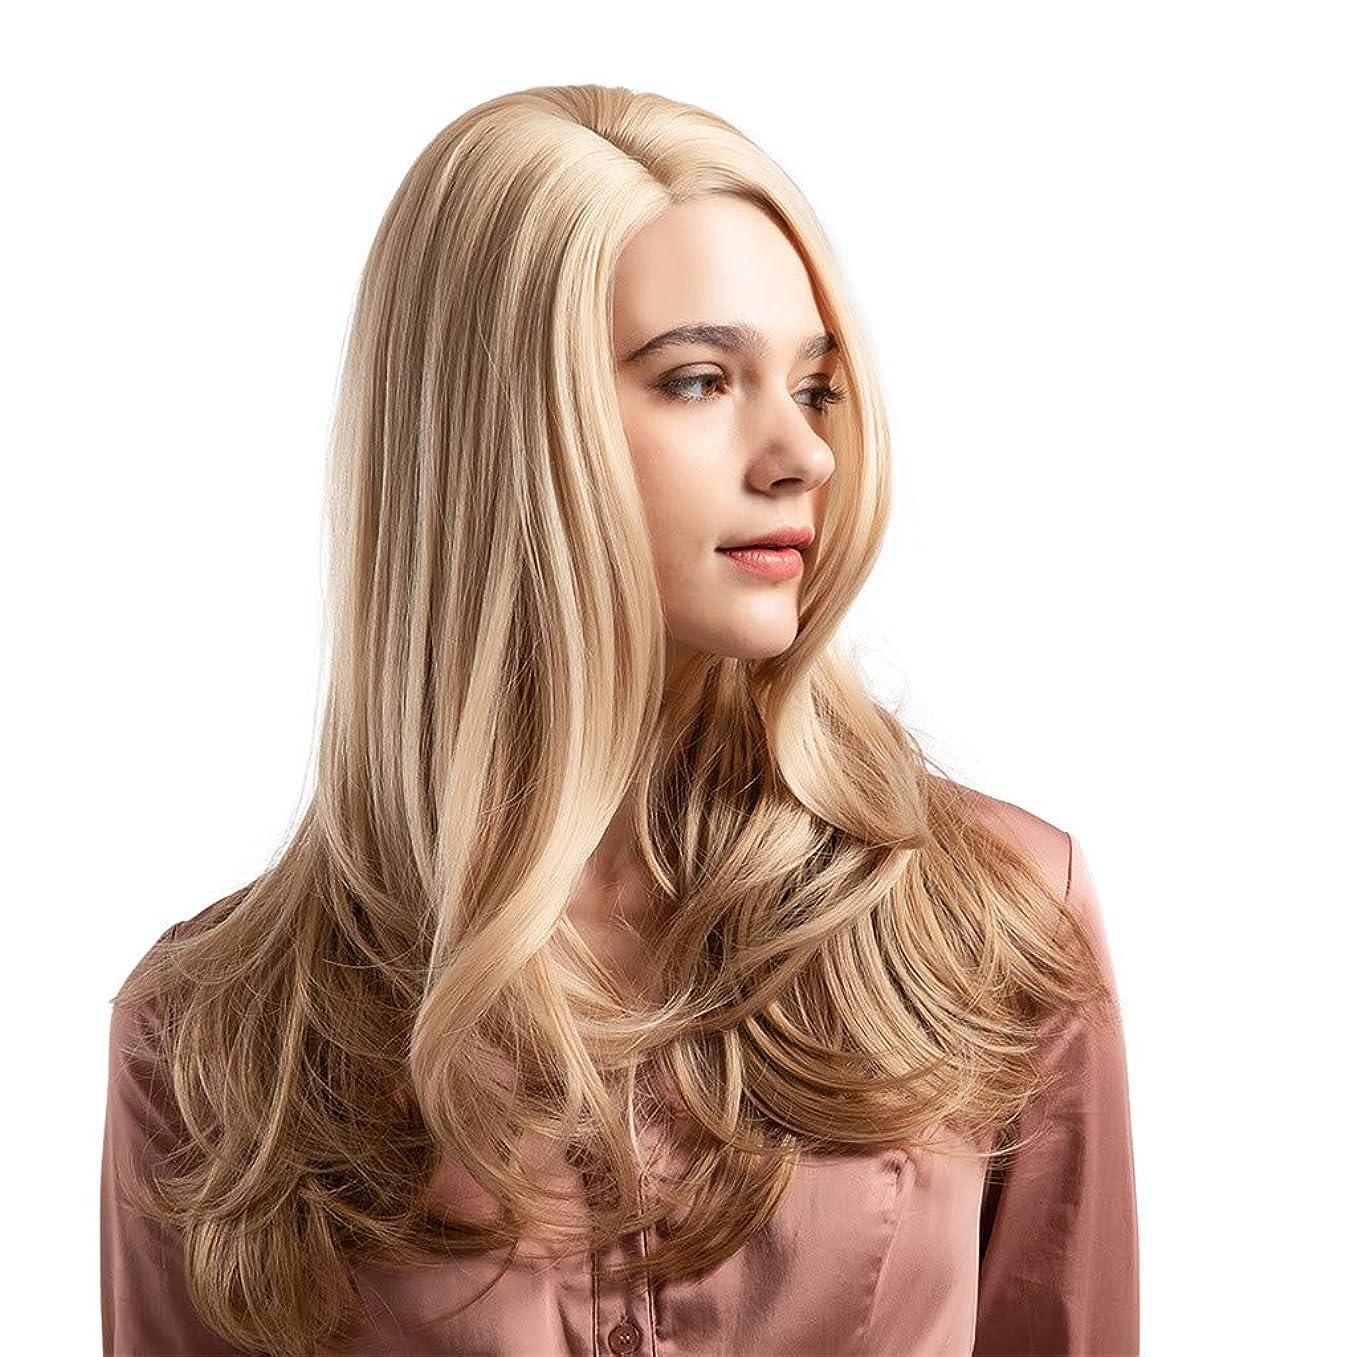 空虚流暢正しくウィッグ女性黄金の大きな波状の巻き毛の高温シルクウィッグ22インチ